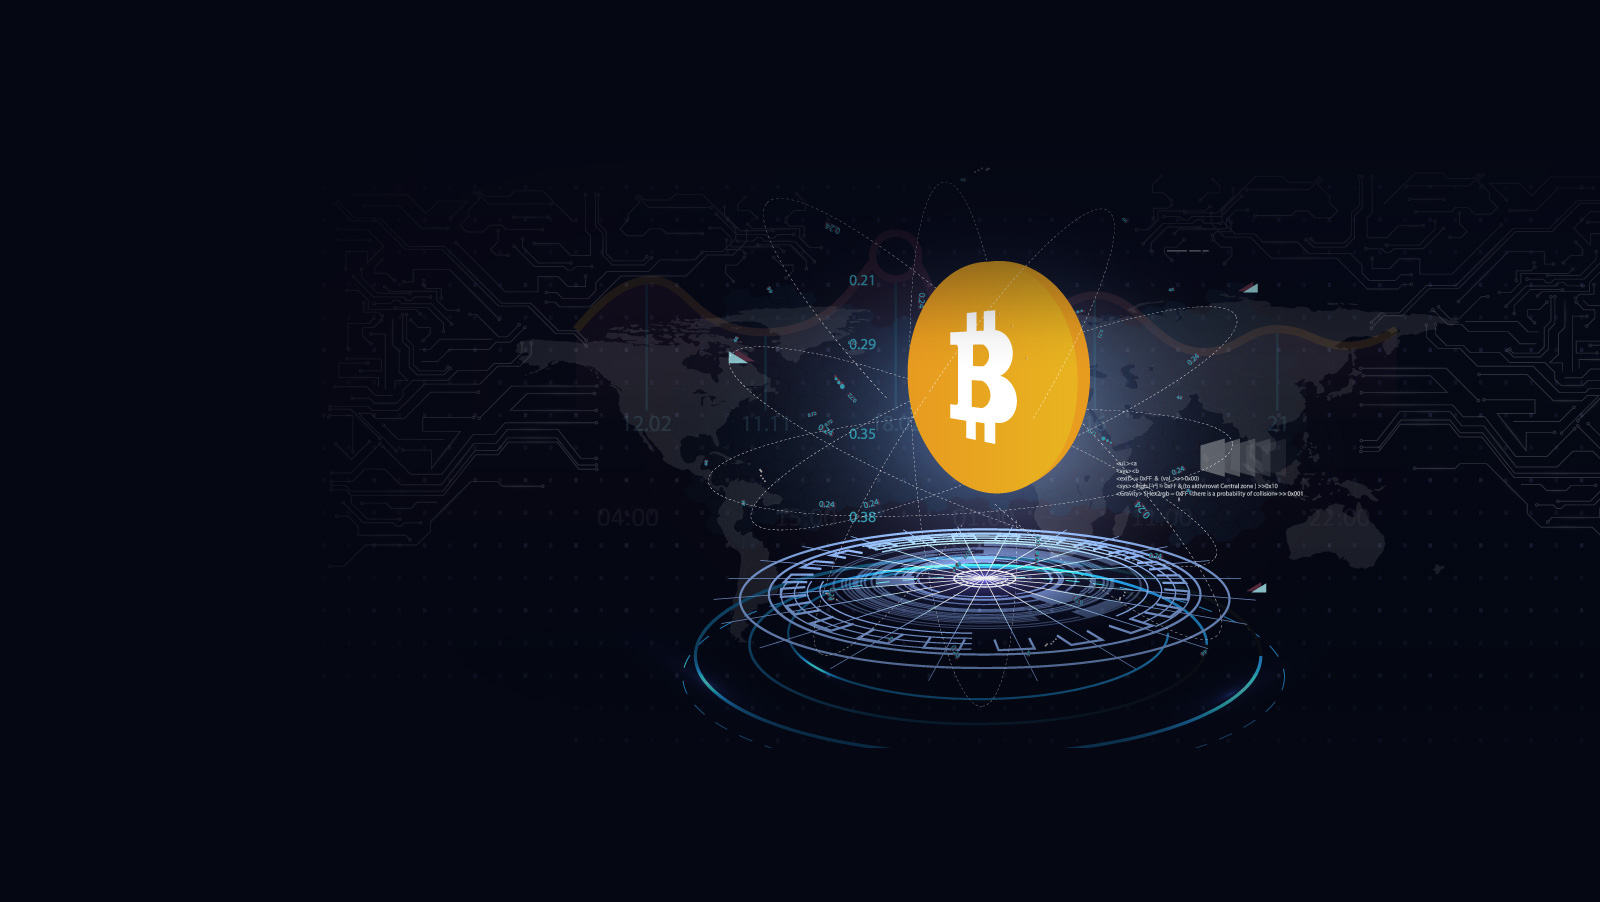 Kriptovaliutos bitcoin kaip uždirbti xp